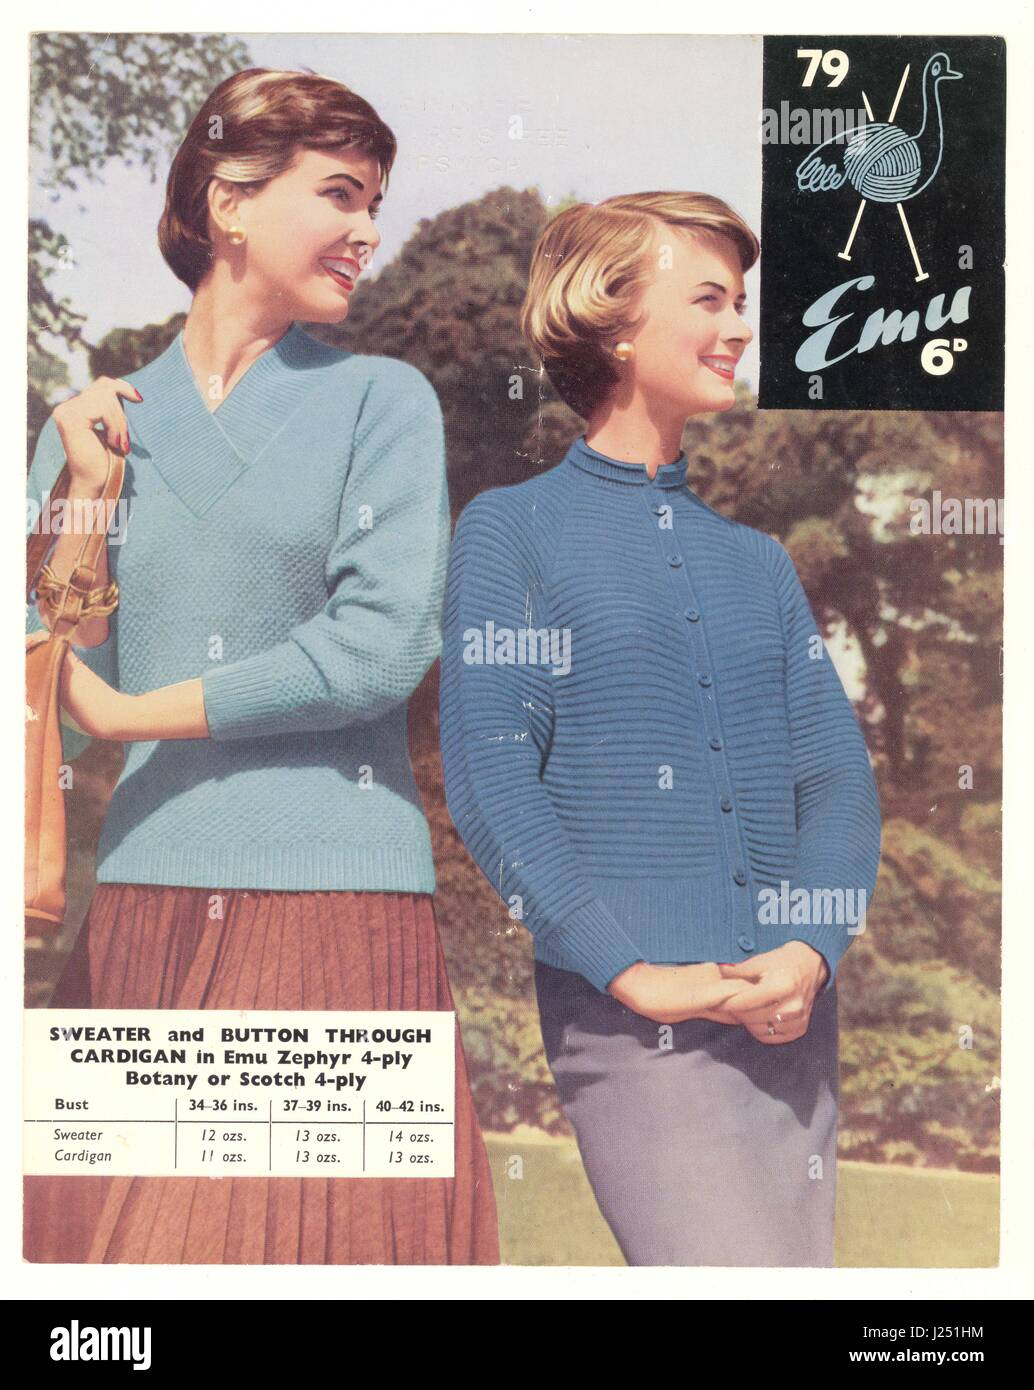 Patrón de tejer la UEM retro de los años 1950 Imagen De Stock